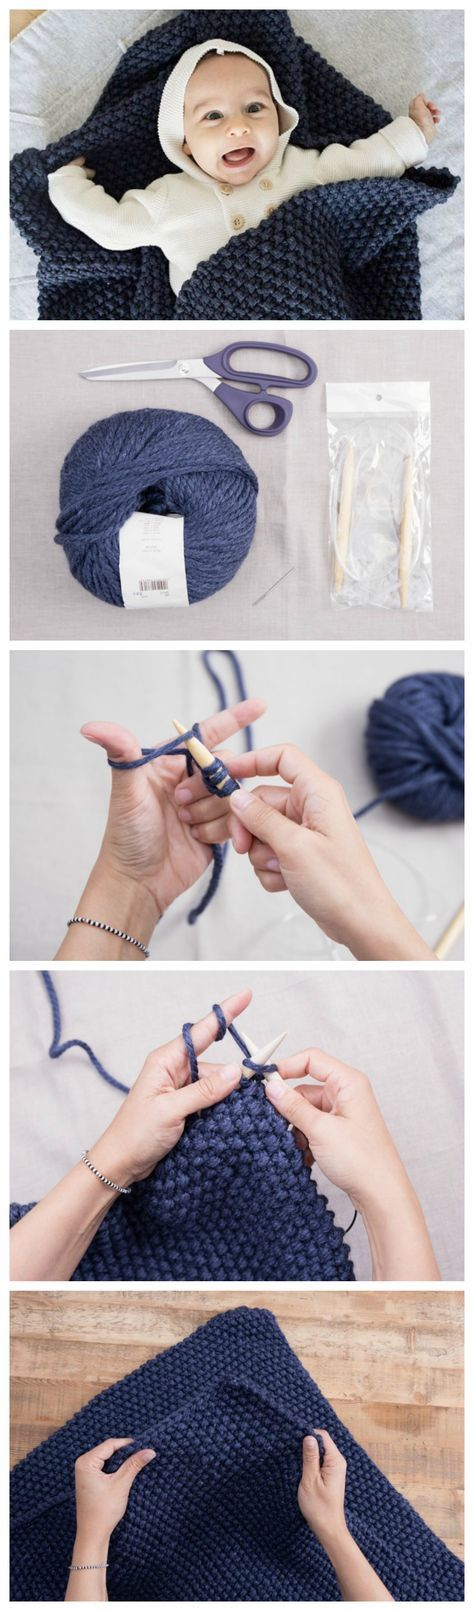 kostenlose strickanleitung babydecke mit perlmuster stricken free diy knitting tutorial. Black Bedroom Furniture Sets. Home Design Ideas